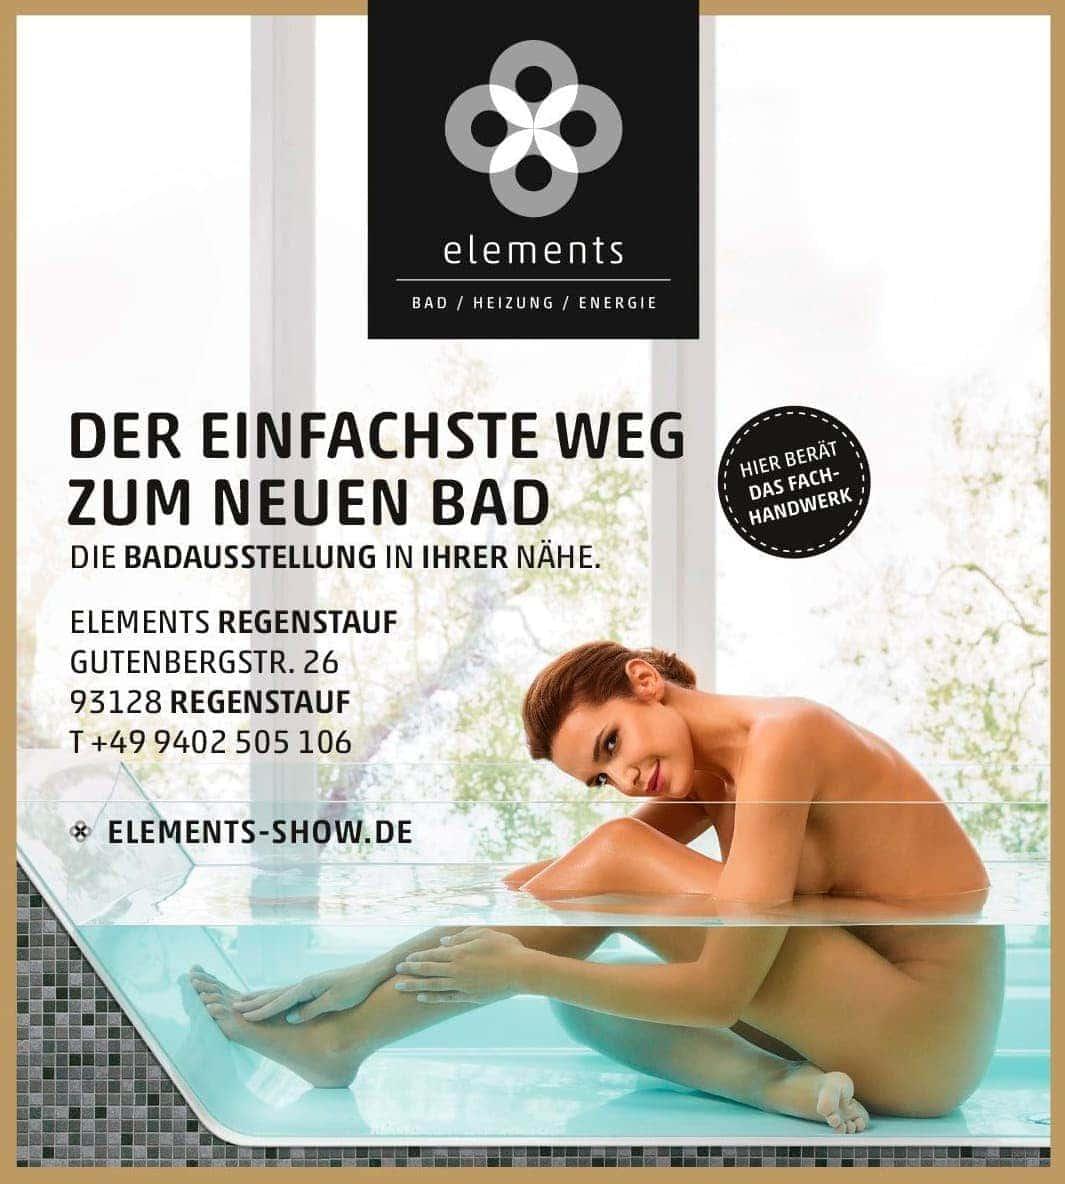 Die Fachausstellung ELEMENTS in Regenstauf bietet Inspiration und kompetente Beratung Eigene Badideen wahr machen